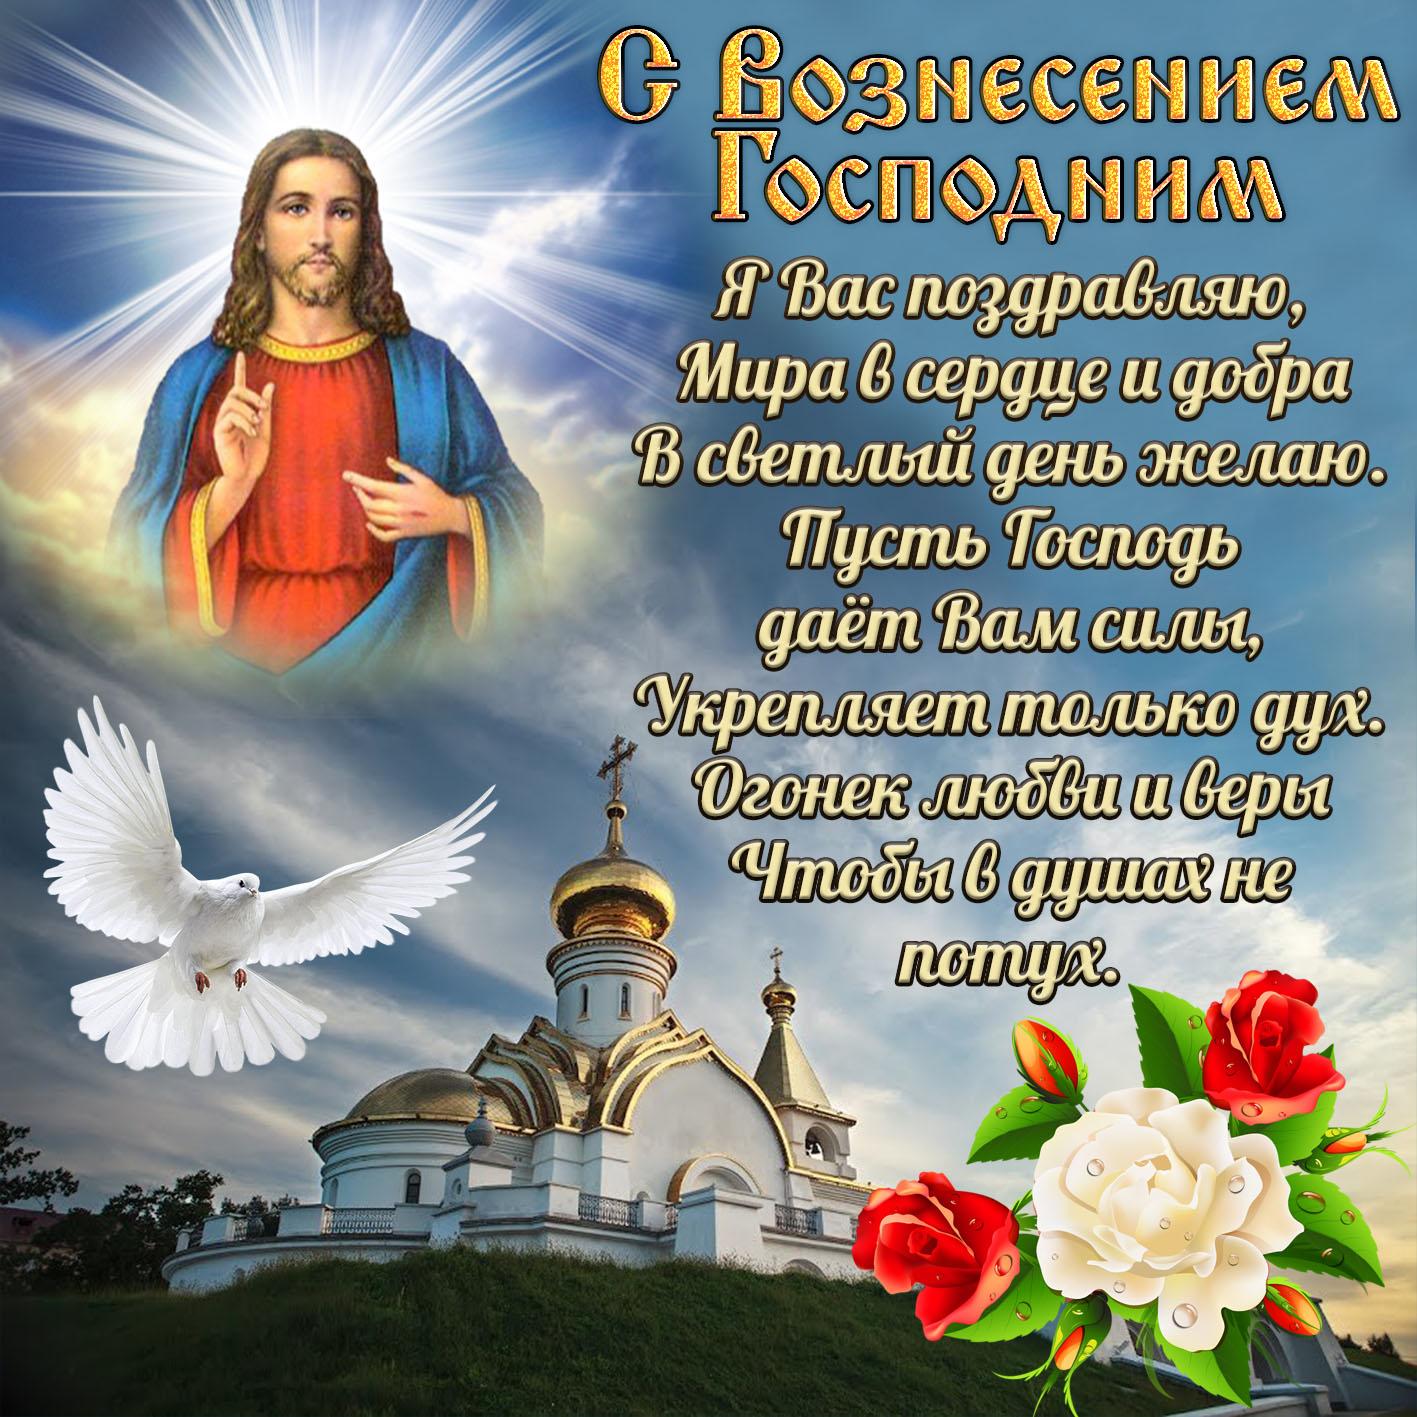 Картинки поздравительные с вознесением господня